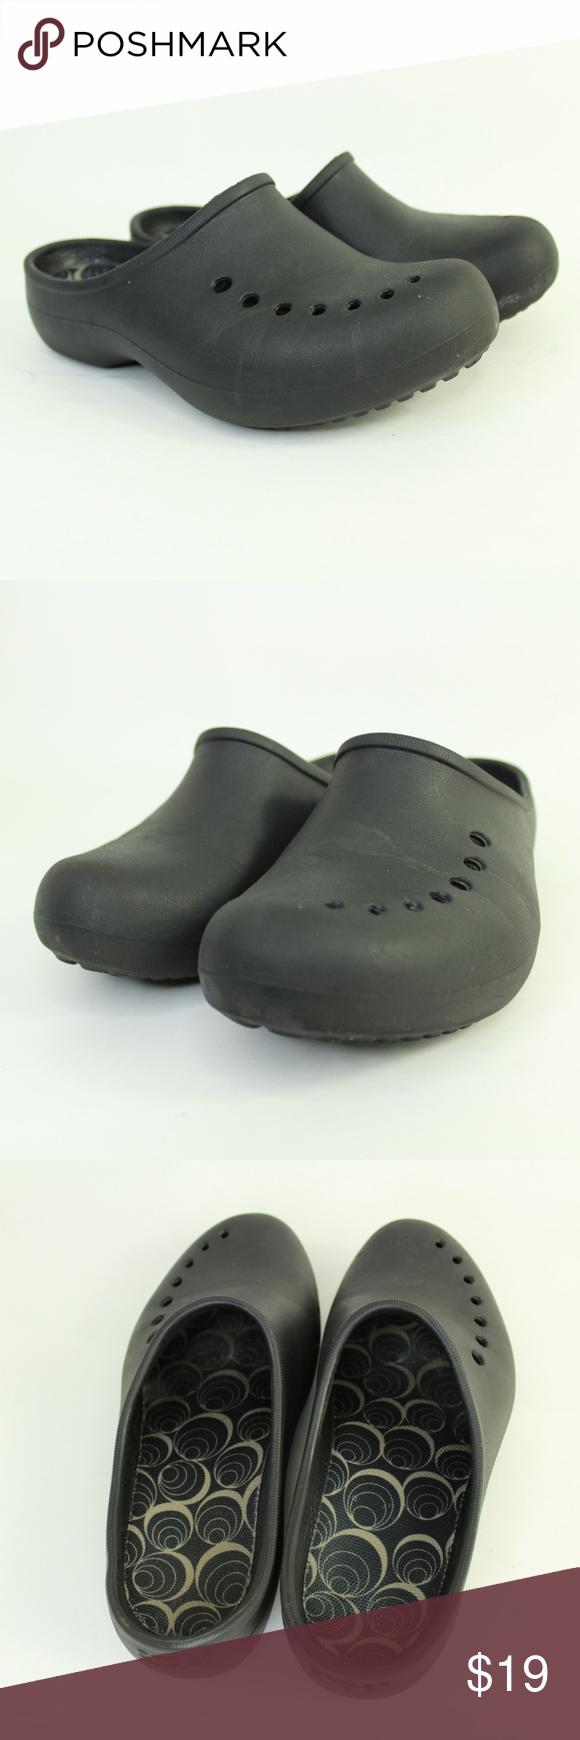 Crocs Slip On Backless Non Slip Clogs